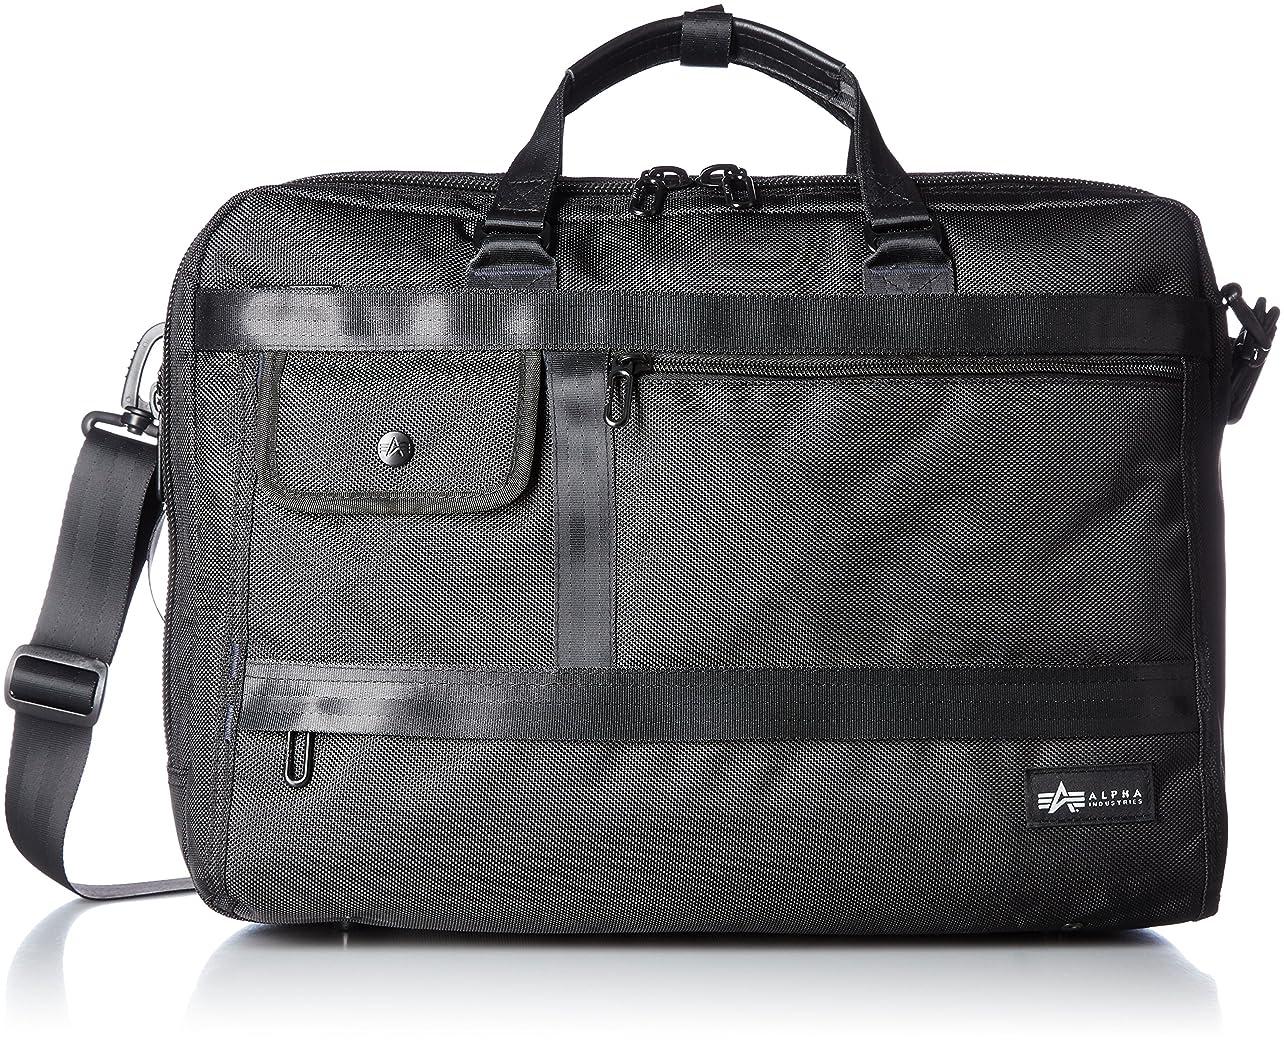 ソート円形嘆願ビジネスバッグ Colonel B5PC/タブレット対応 2ルーム縦3wayスタイル